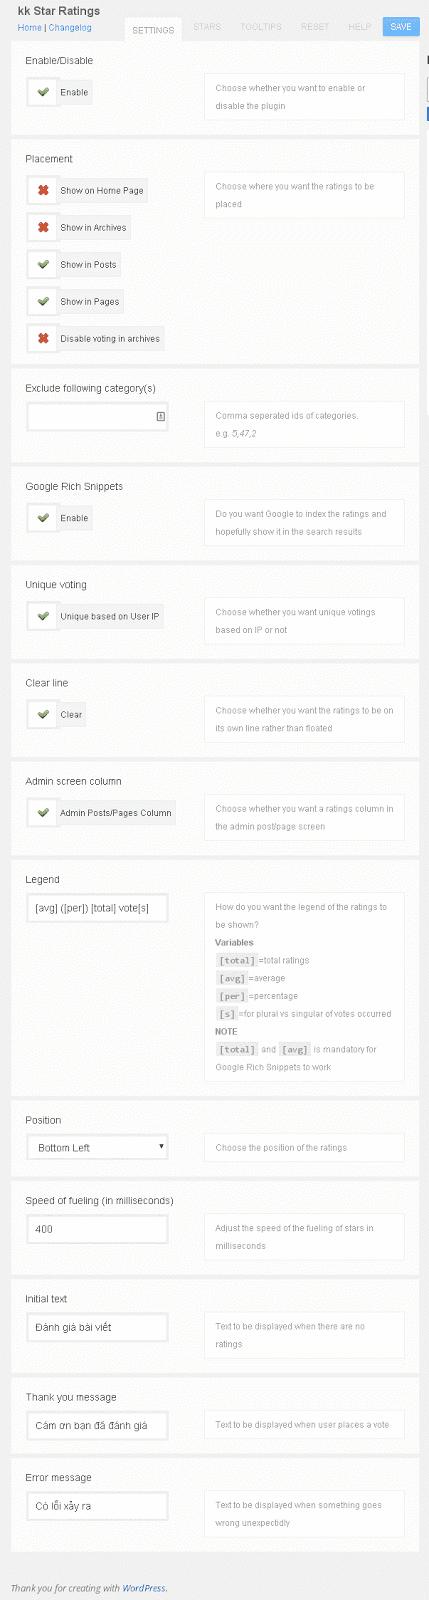 Hướng dẫn cài đặt, sử dụng và sửa lỗi plugin kk Star Ratings